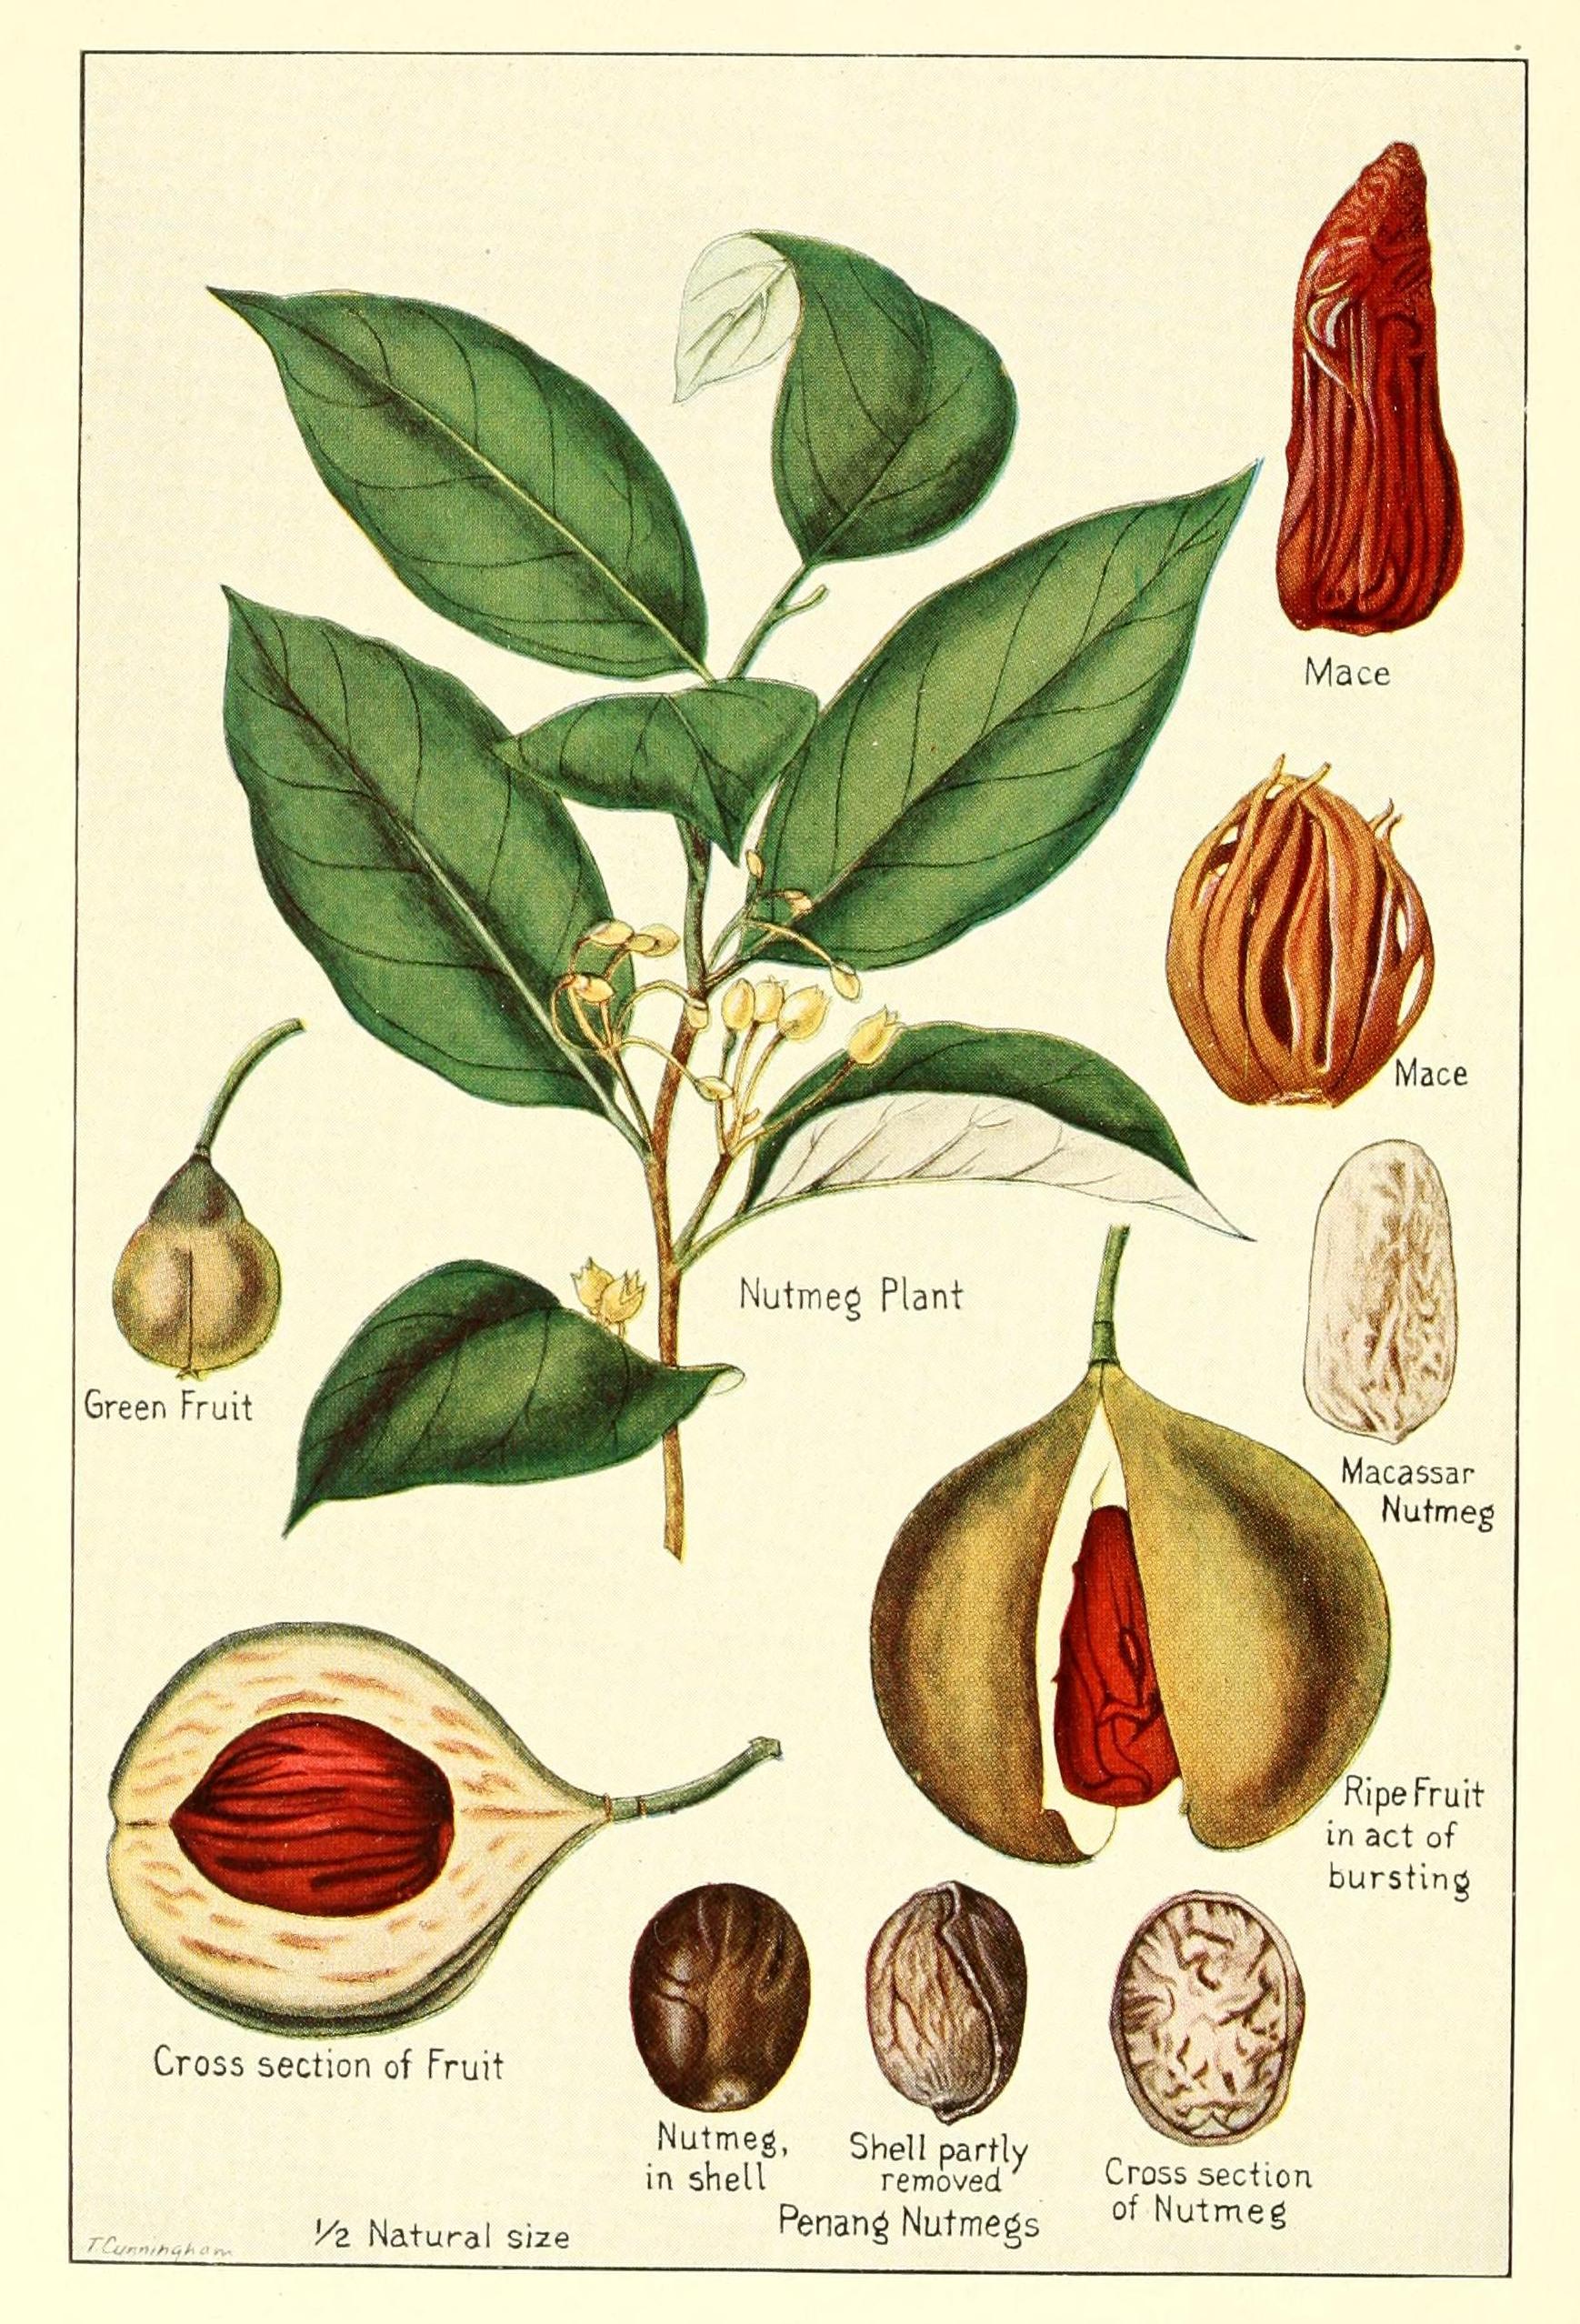 La pianta della noce moscata e il frutto da cui viene estratta la spezia. (Fonte: Wikipedia.org)